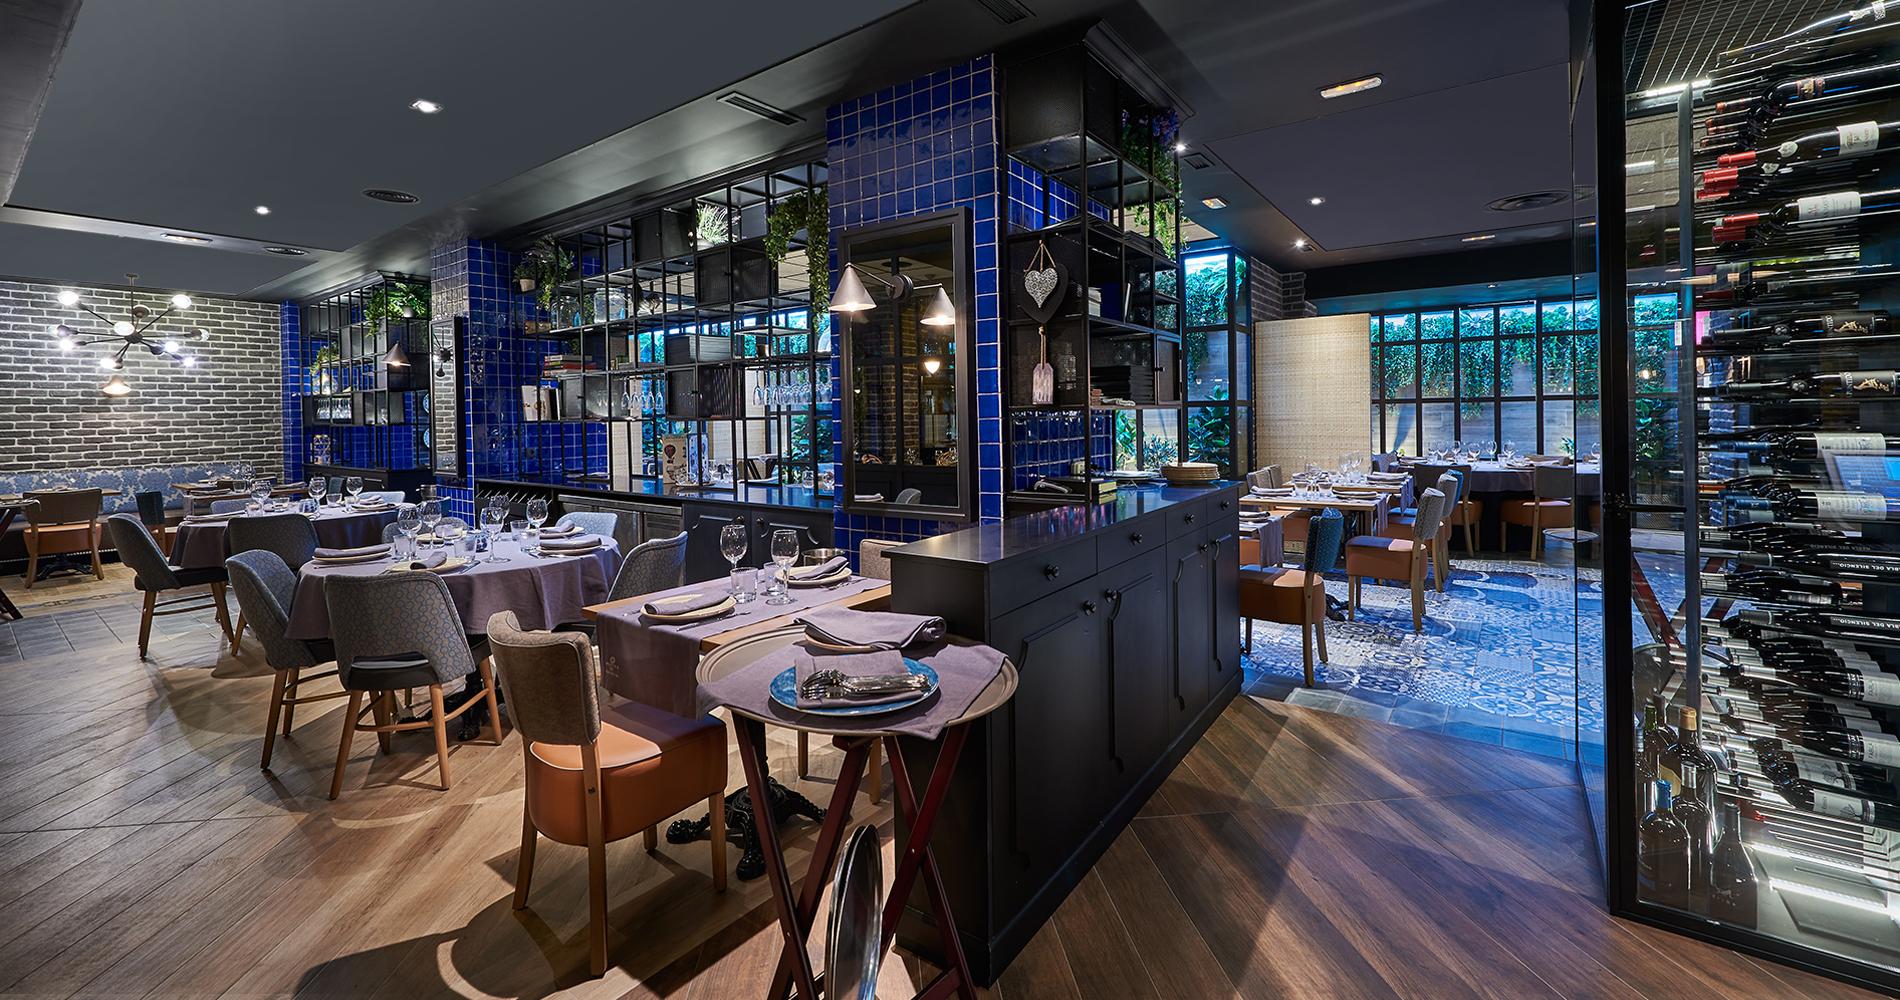 Montes de Galicia, mejor restaurante gallego de Madrid